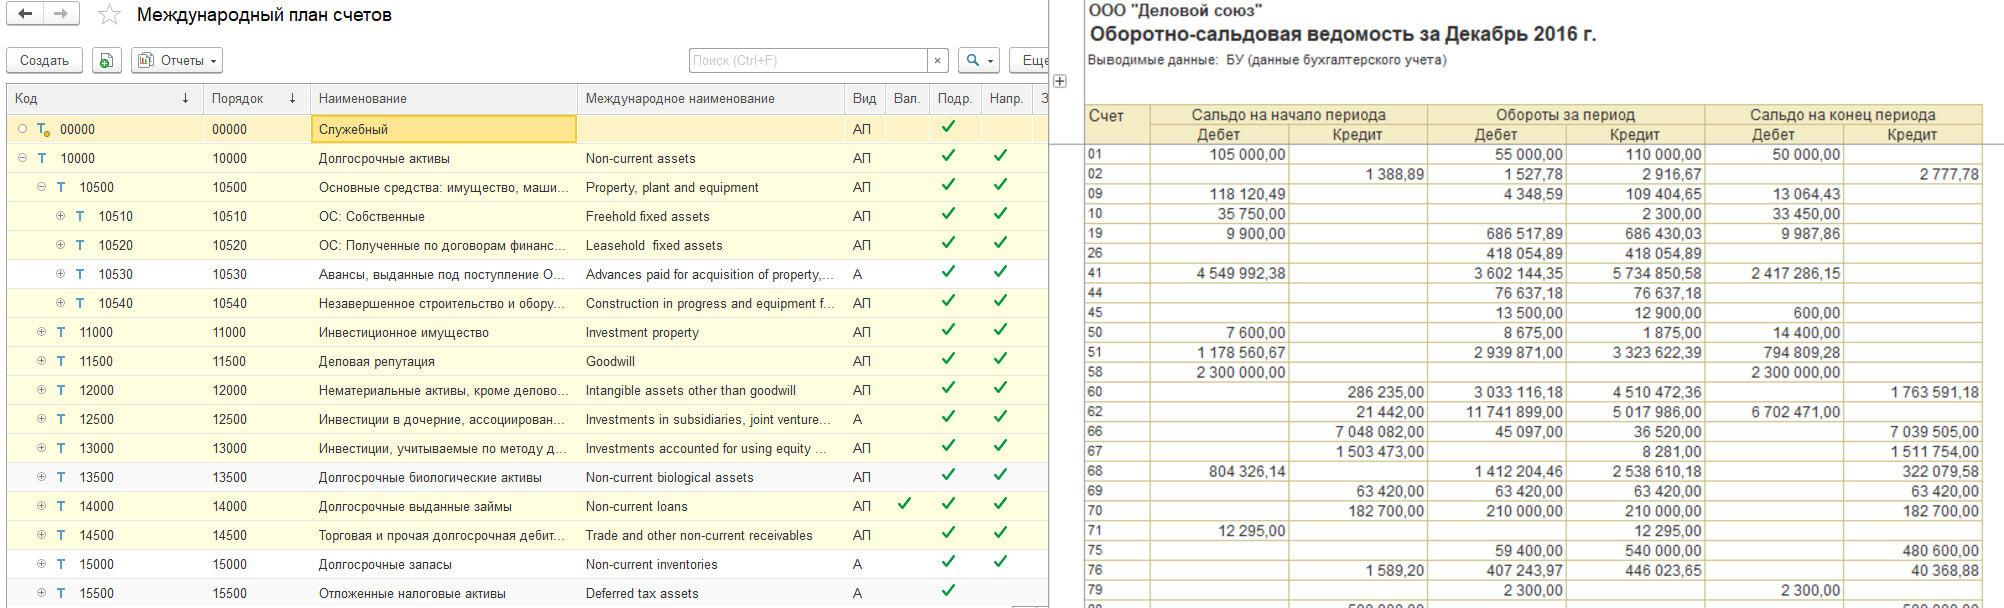 Консолидация финансовой информации